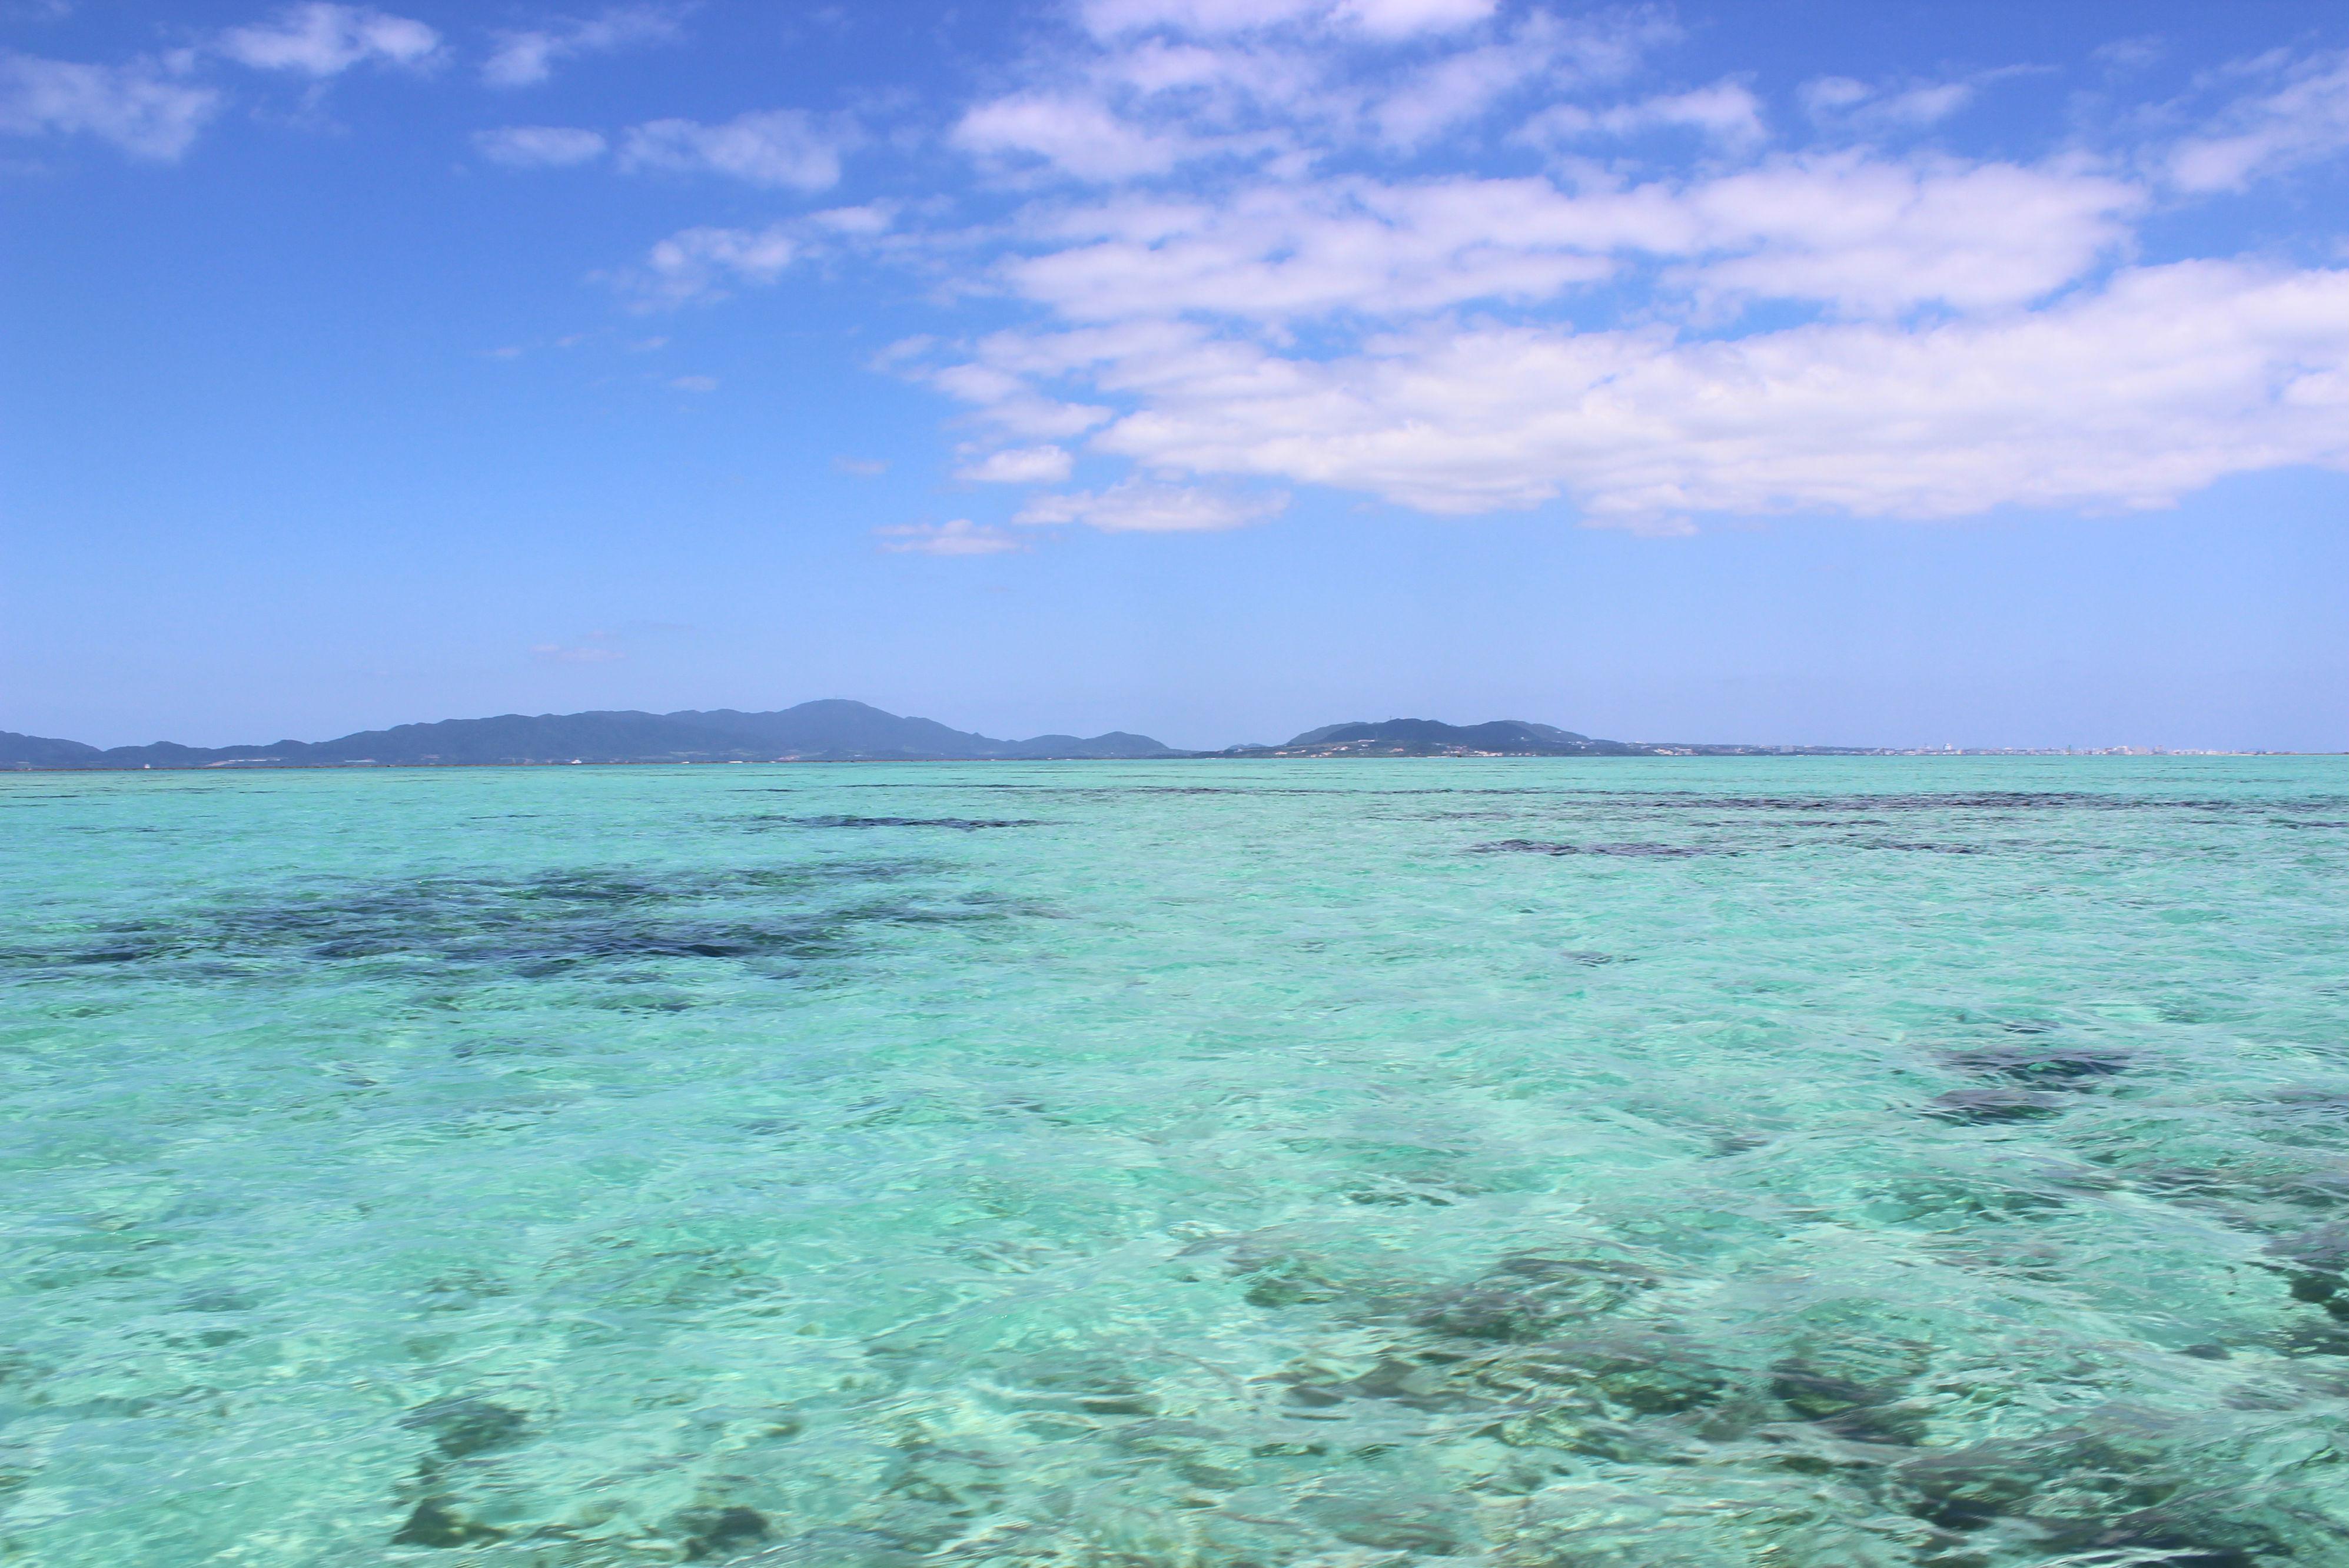 【沖縄・クルージング】潮風が気持ちいい!ヨットクルージング3時間